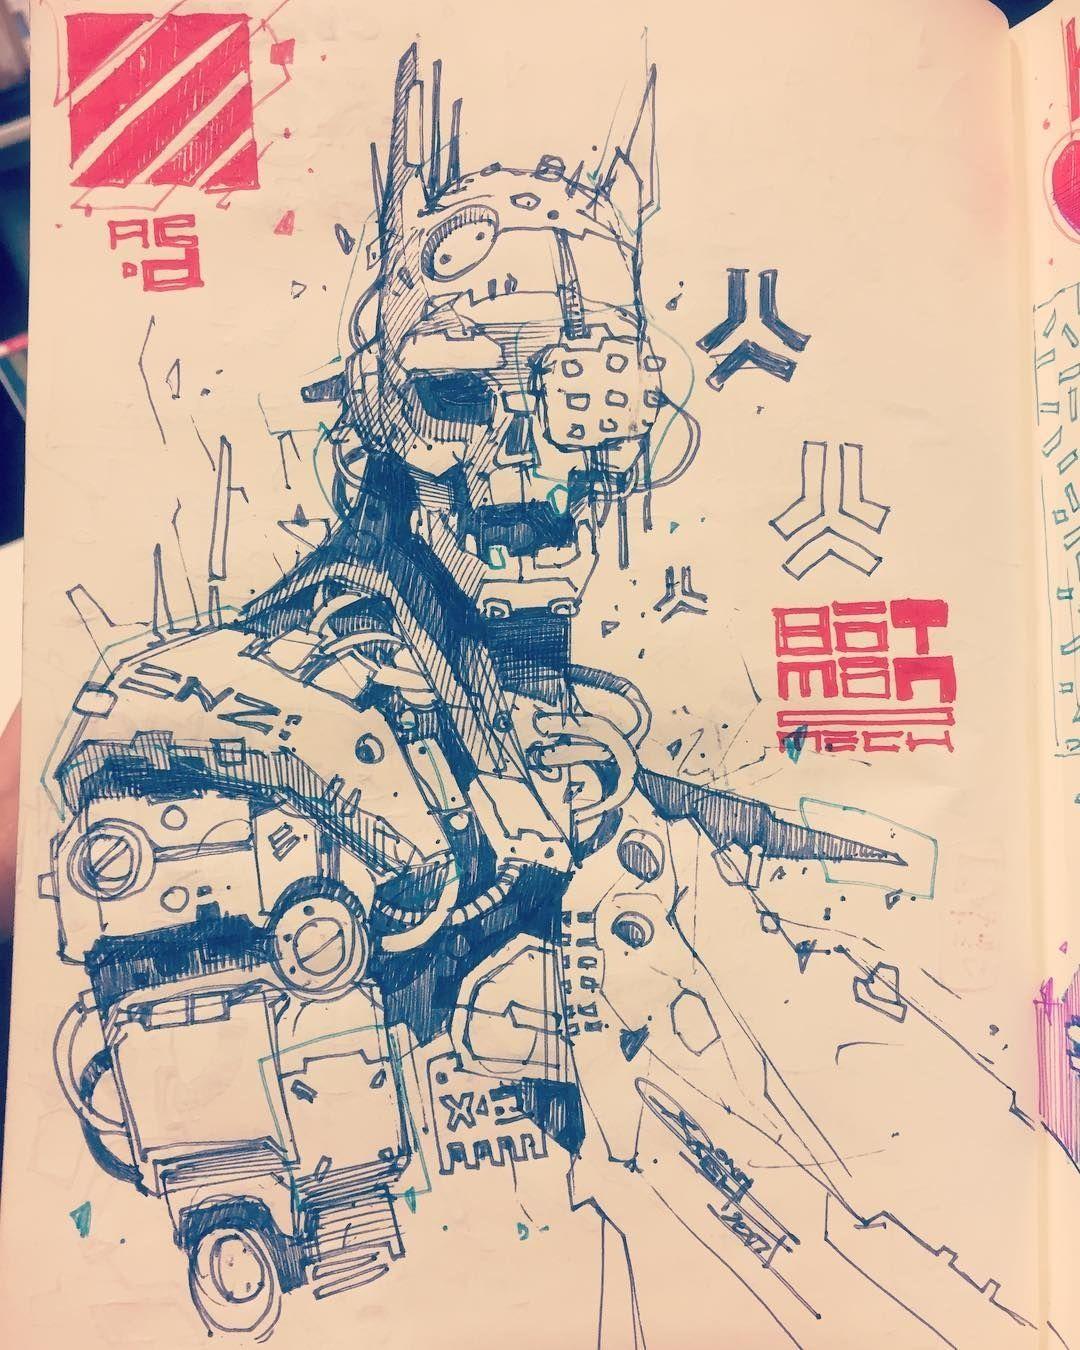 Pin by Derek Aldana on Inkz Cyberpunk art, Robot art